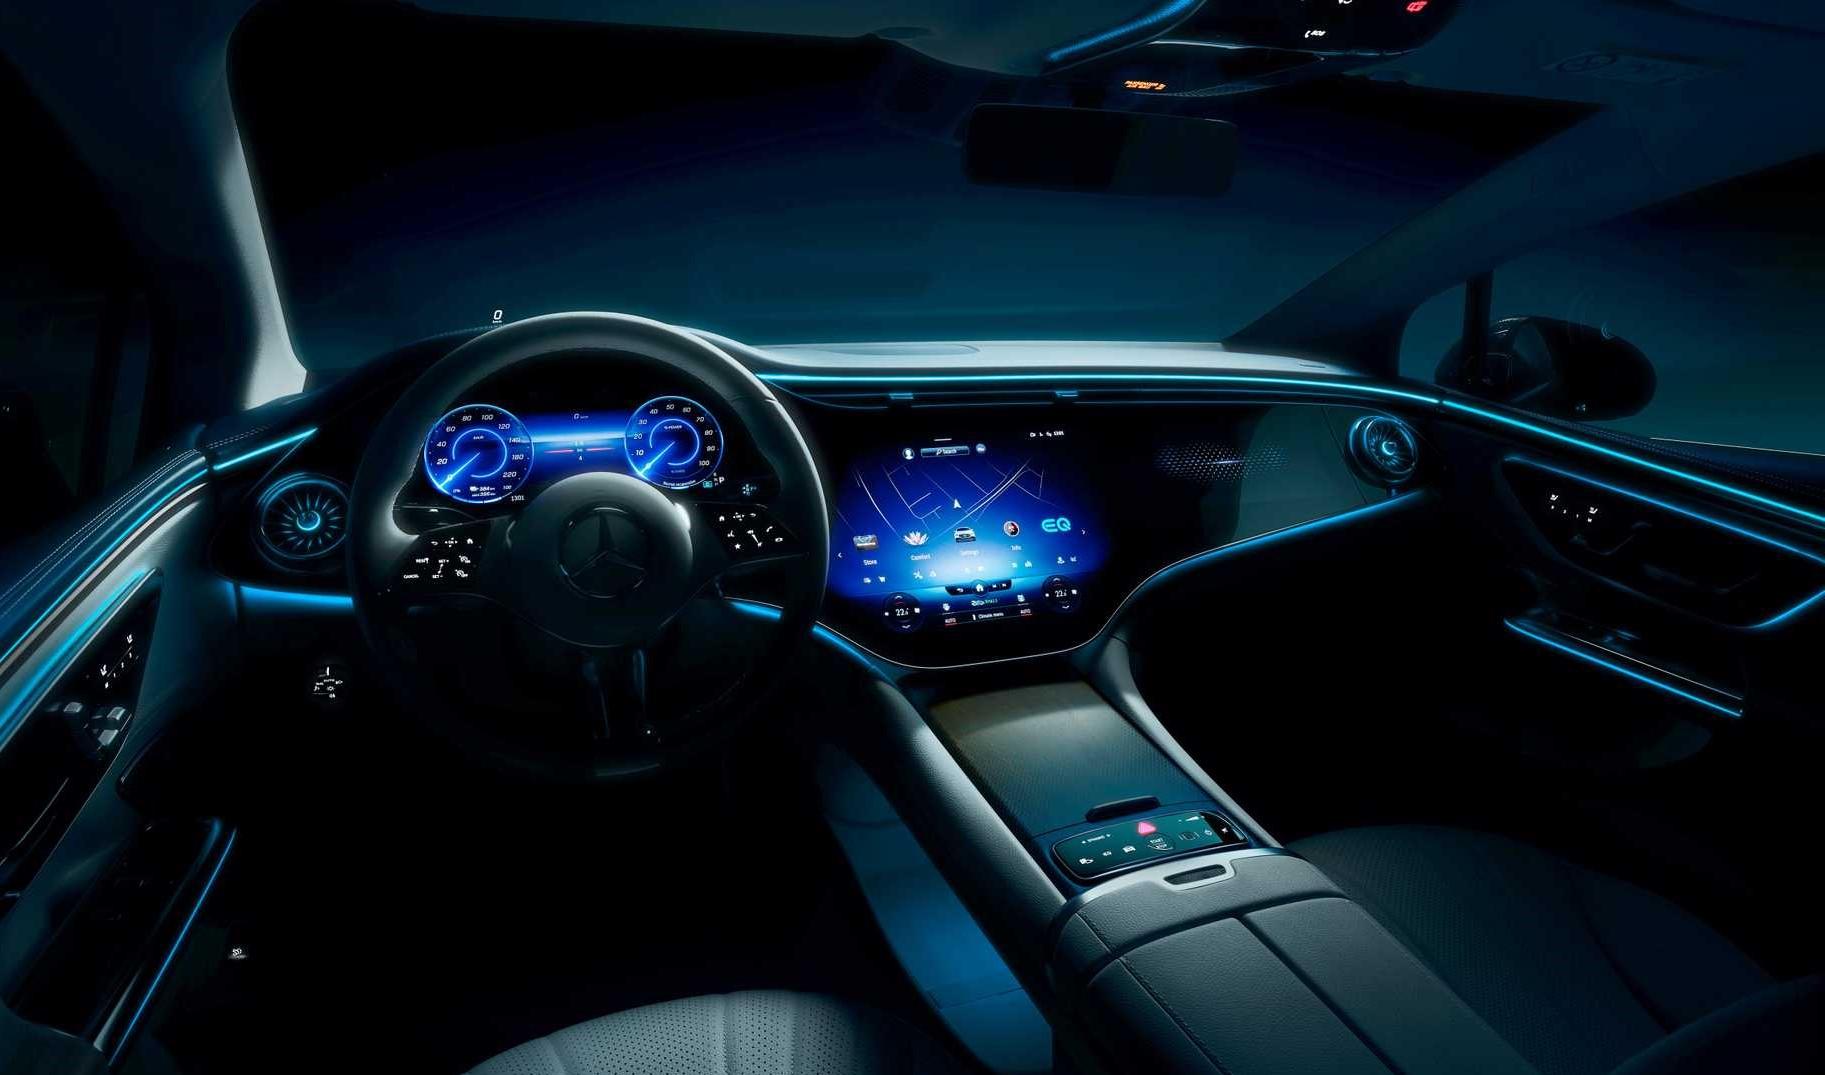 Mercedes Benz Eqe Interior